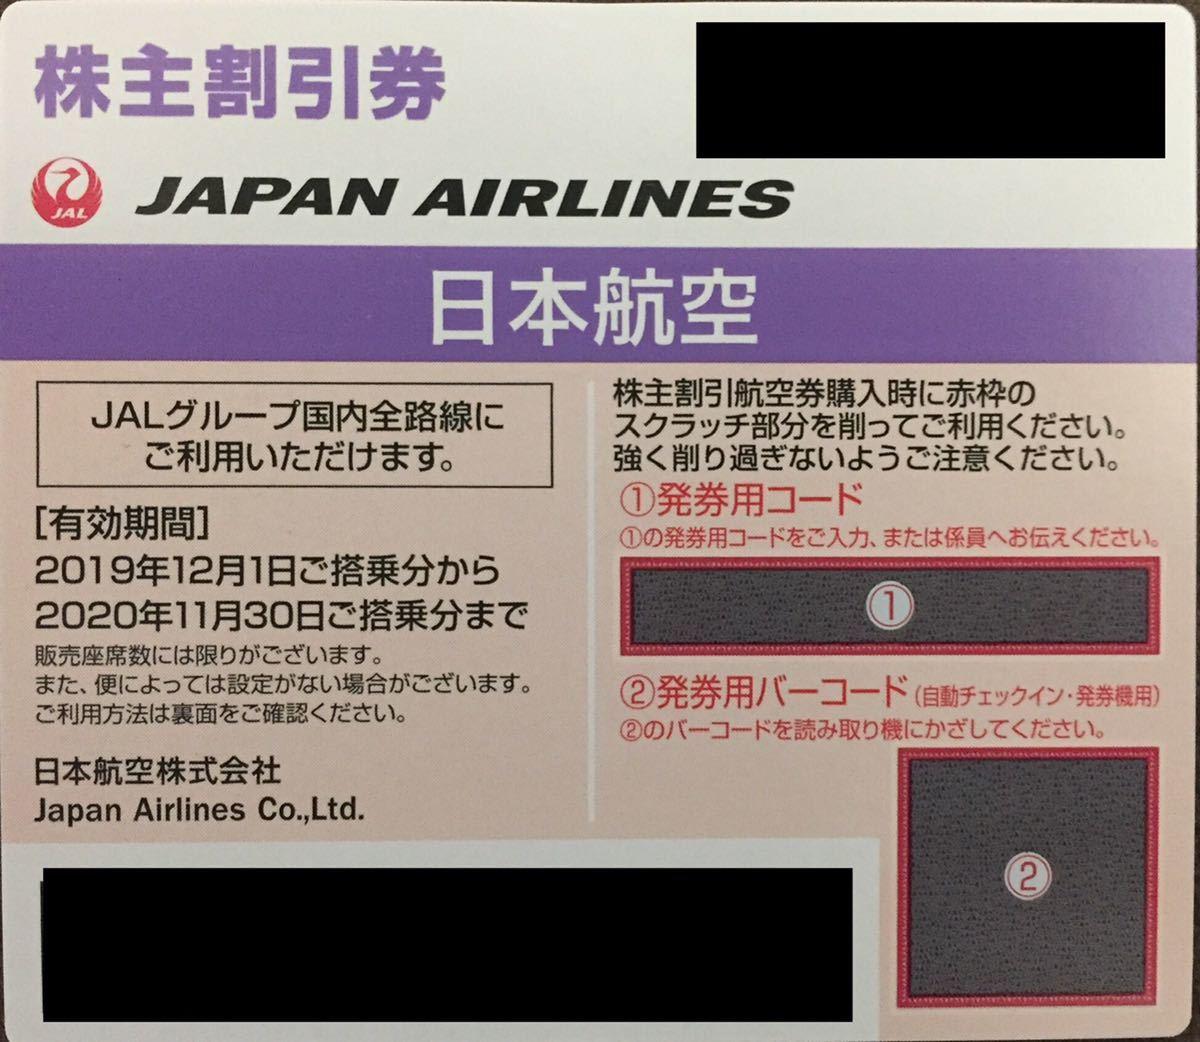 【番号通知のみ】JAL 日本航空 株主優待券 1枚 有効期限2021年5月31日に延長_画像1